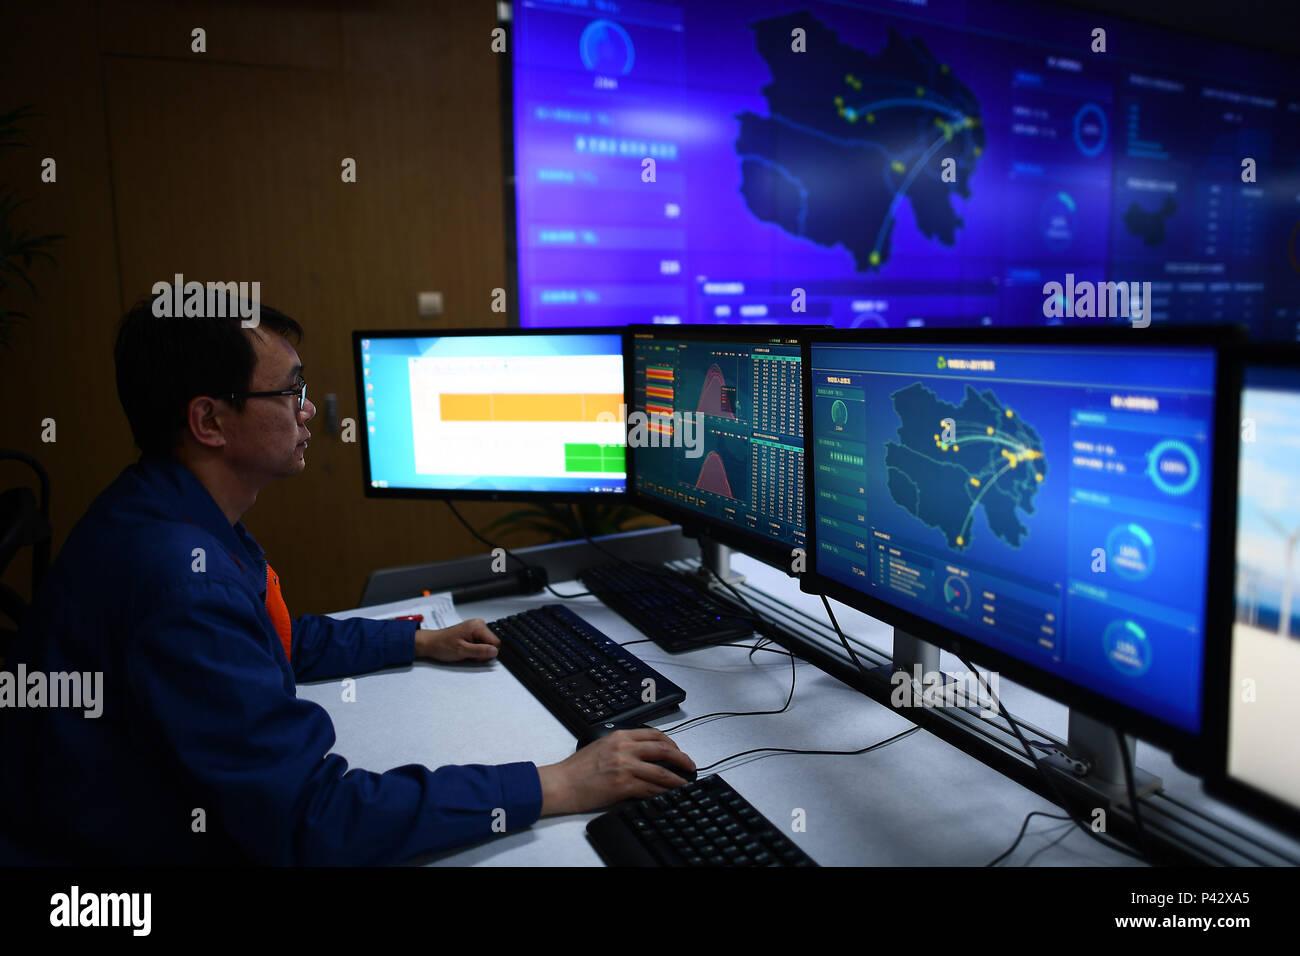 Xining, Province de Qinghai en Chine. 20 Juin, 2018. Un membre du personnel surveille les données de production d'énergie et à une nouvelle branche de la big data State Grid Qinghai Electric Power Company à Xining, Province de Qinghai, dans le nord-ouest de la Chine, le 20 juin 2018. La province du Qinghai dans le nord-ouest de la Chine le mercredi a amorcé une période de neuf jours d'alimentation d'énergie propre projet suite à la réussite d'un essai de sept jours l'année dernière. La province prévoit d'utiliser uniquement des sources d'énergie verte pour produire de l'électricité à partir de la chambre 20 au 28 juin pour promouvoir l'utilisation de l'énergie propre. Credit: Zhang Hongxiang/Xinhua/Alamy Live News Photo Stock